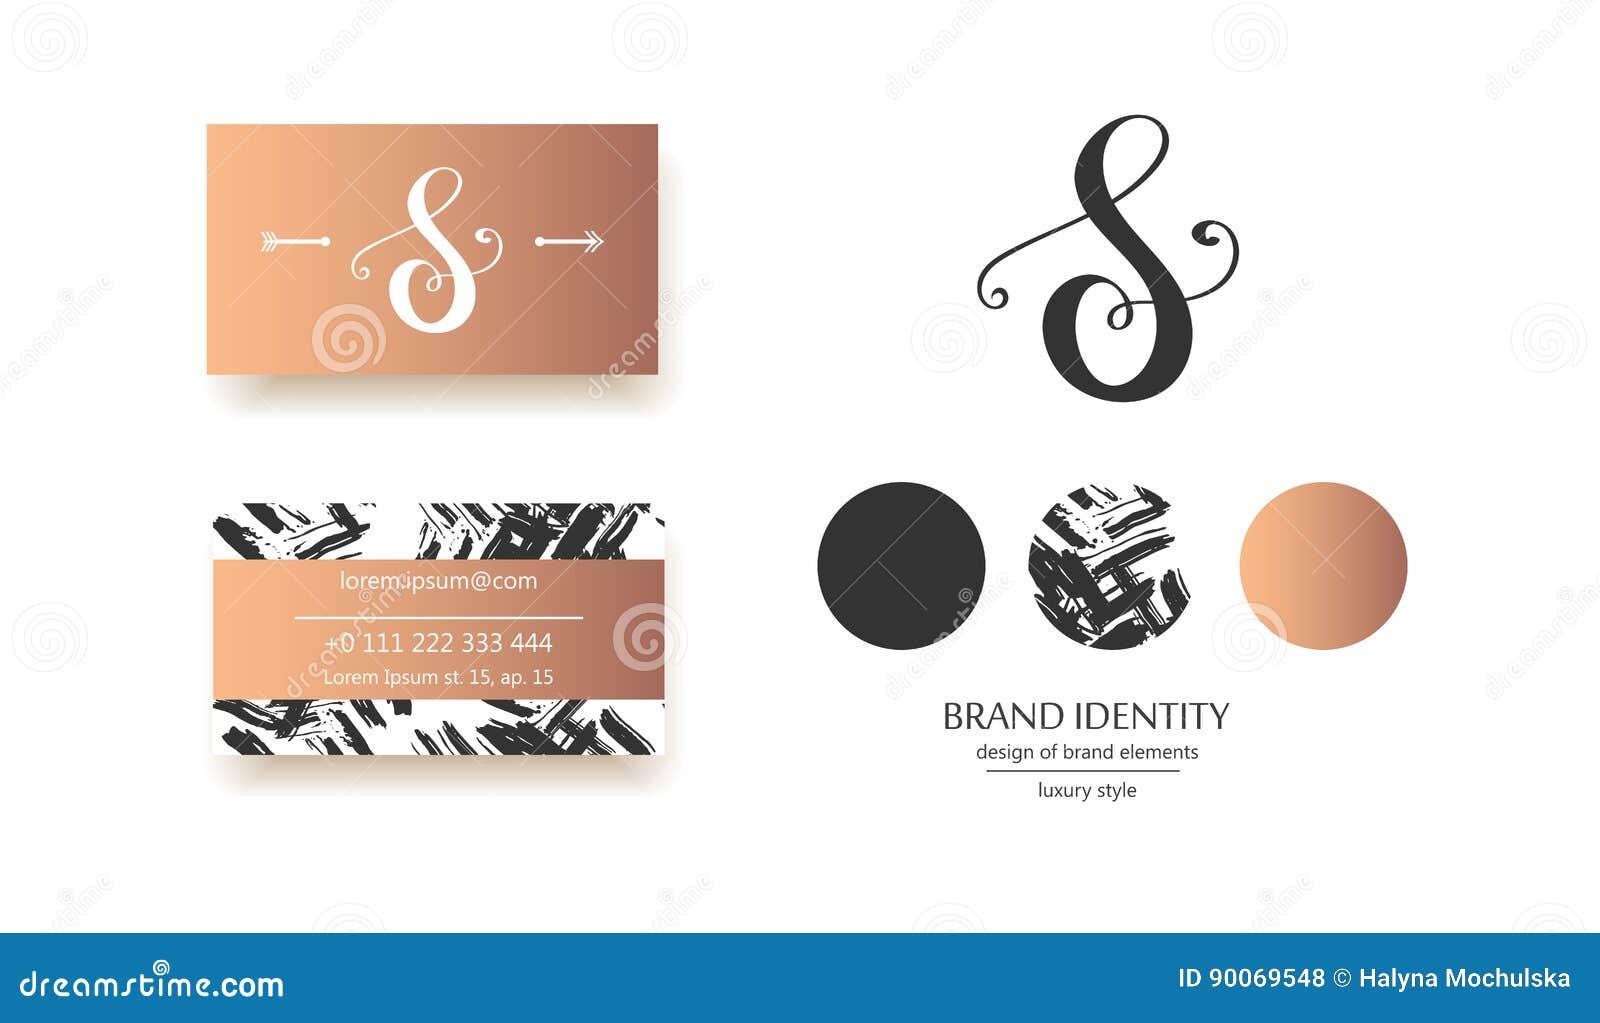 Роскошный каллиграфический вензель письма s - vector шаблон логотипа Изощренный дизайн бренда